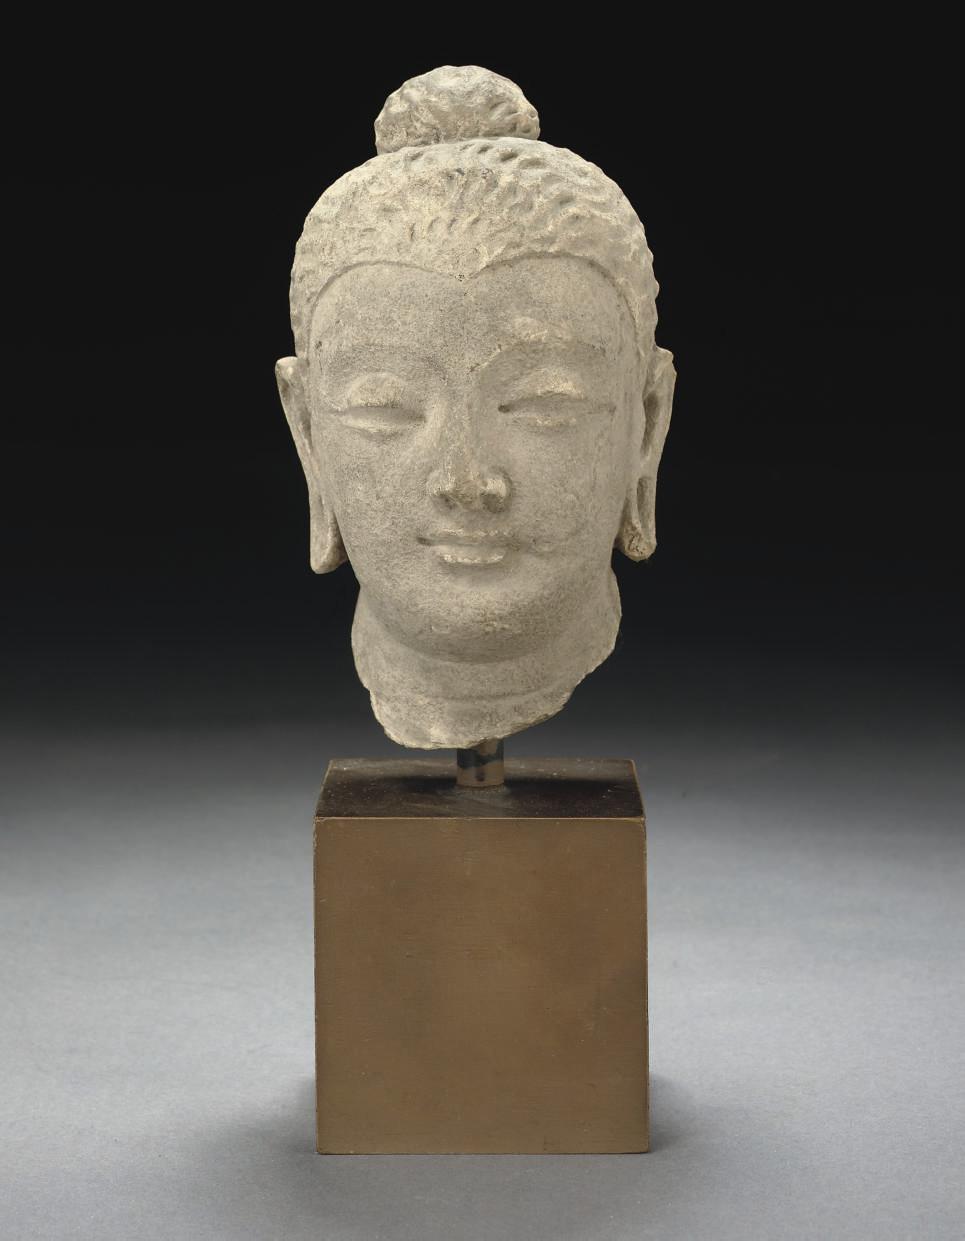 A STONE MODEL OF A HEAD, GANDH